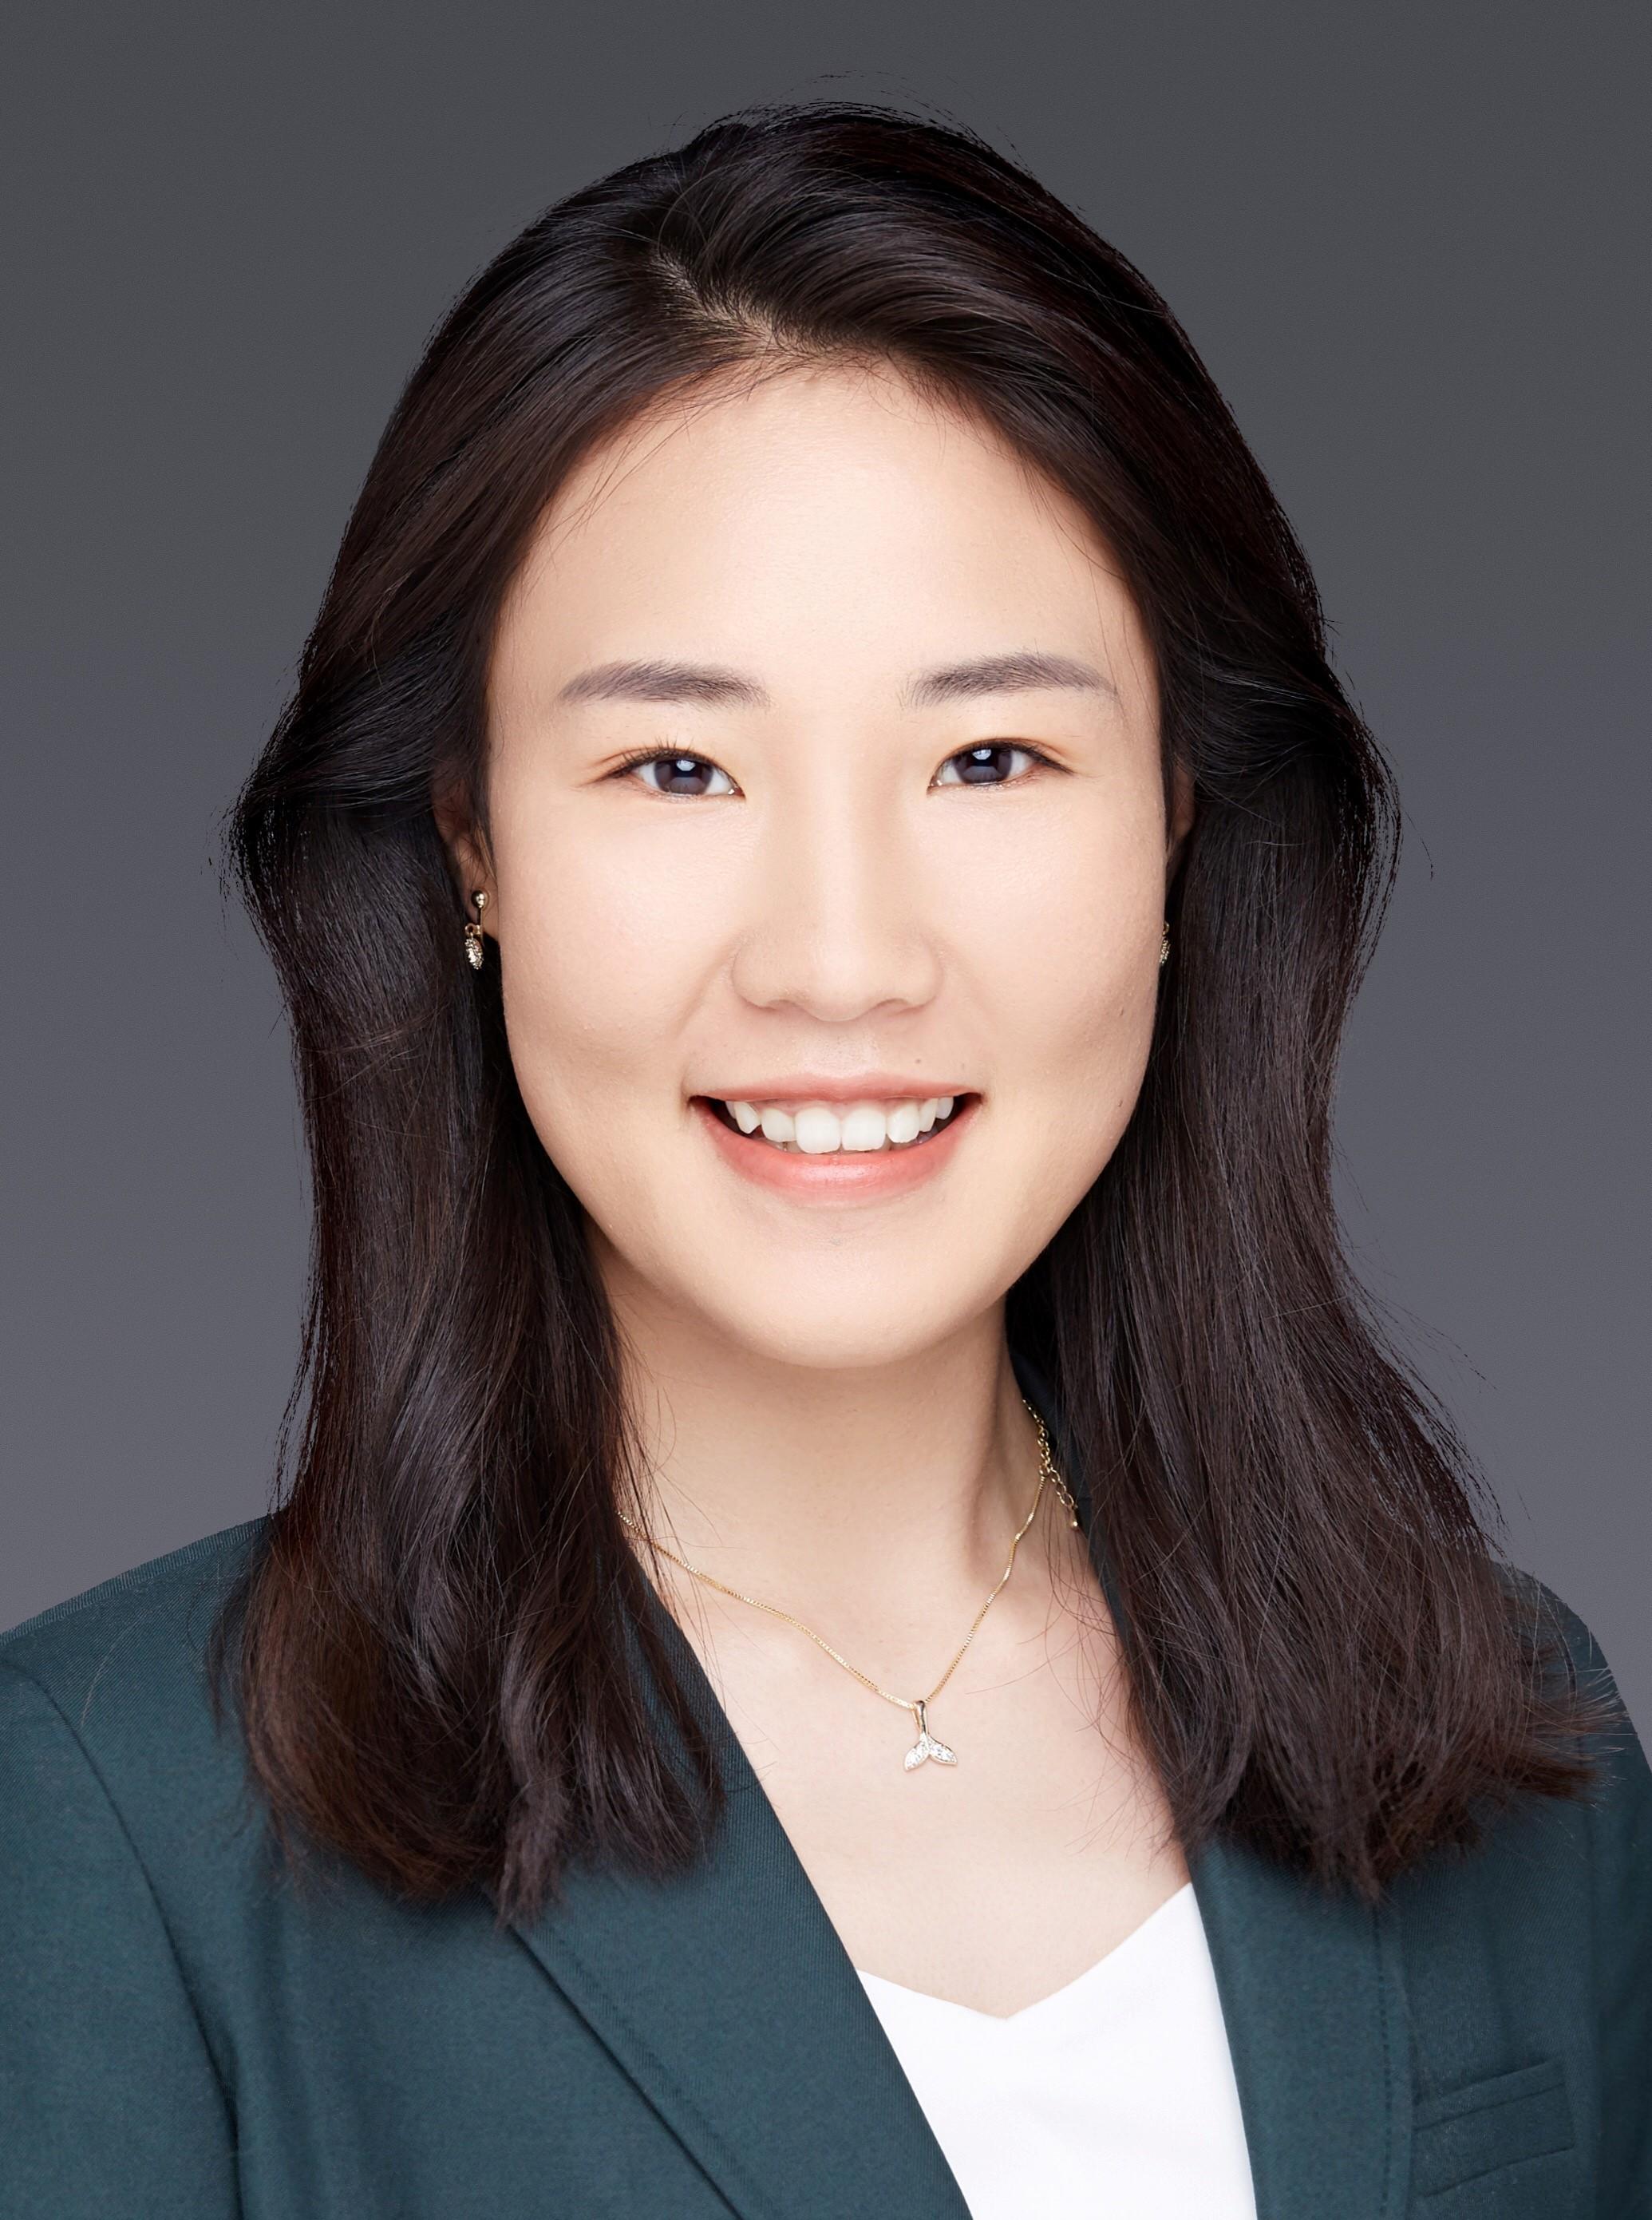 Ruimian (Tracy) Li